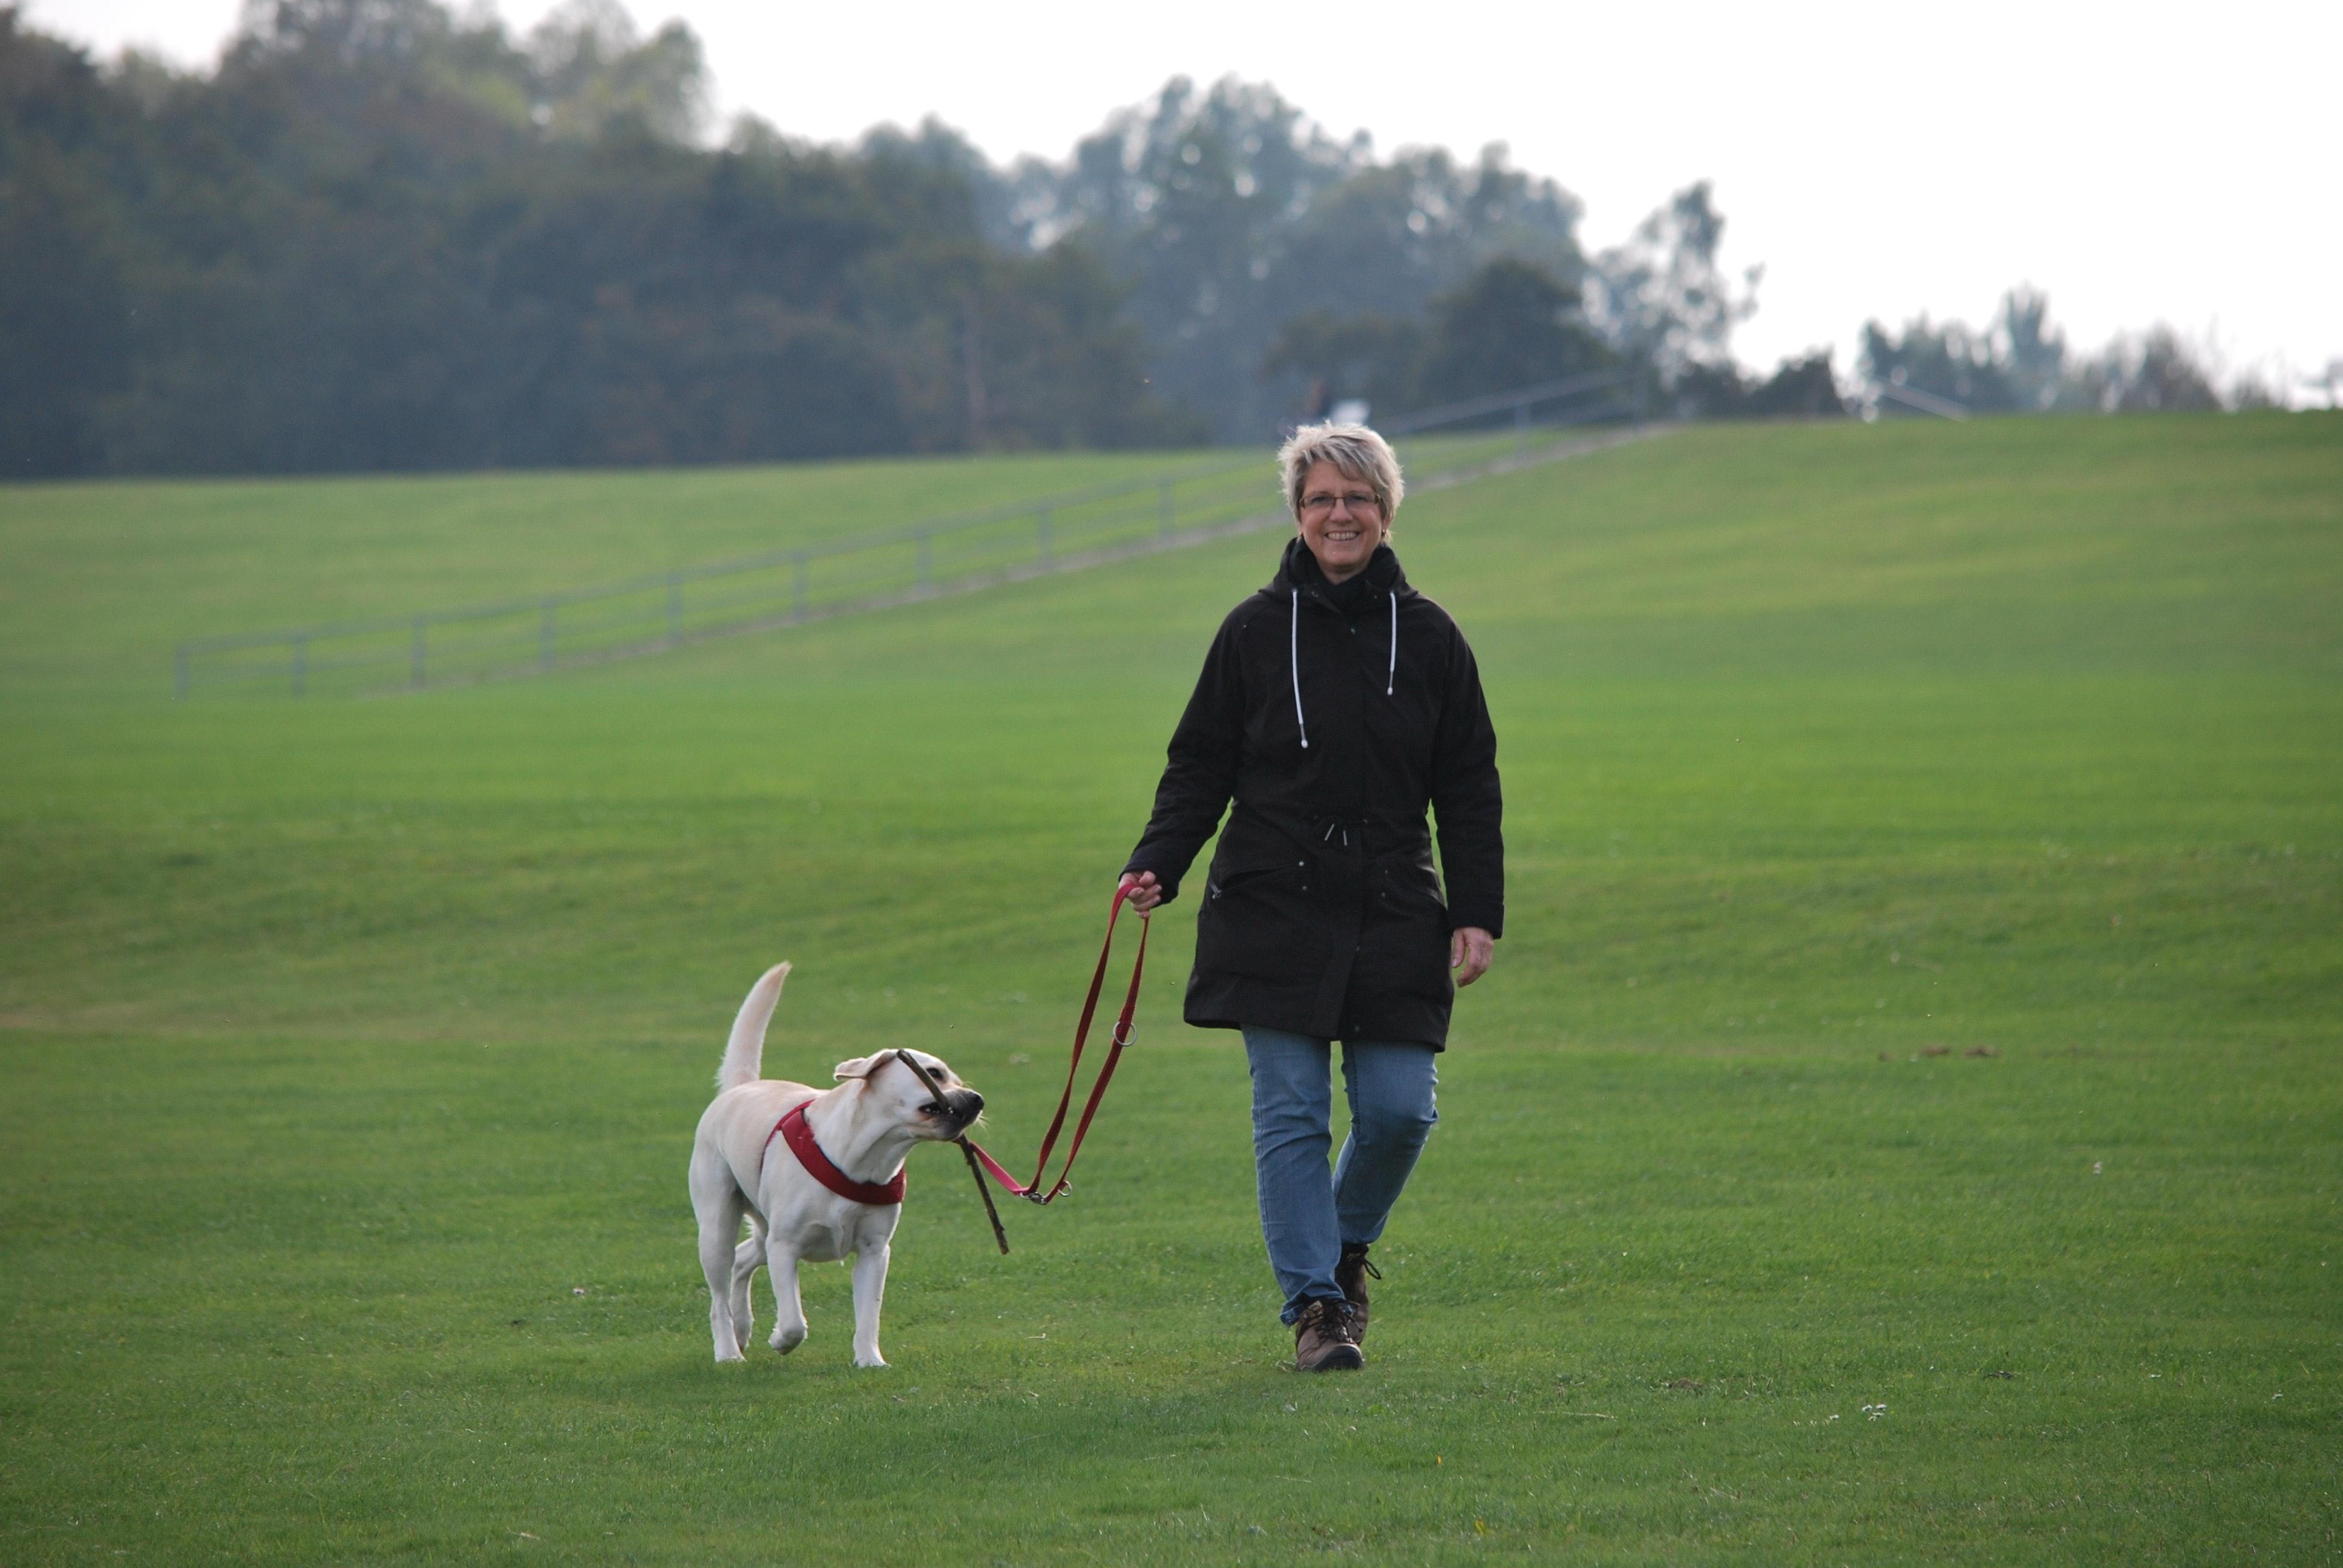 animal-canine-dog-220968